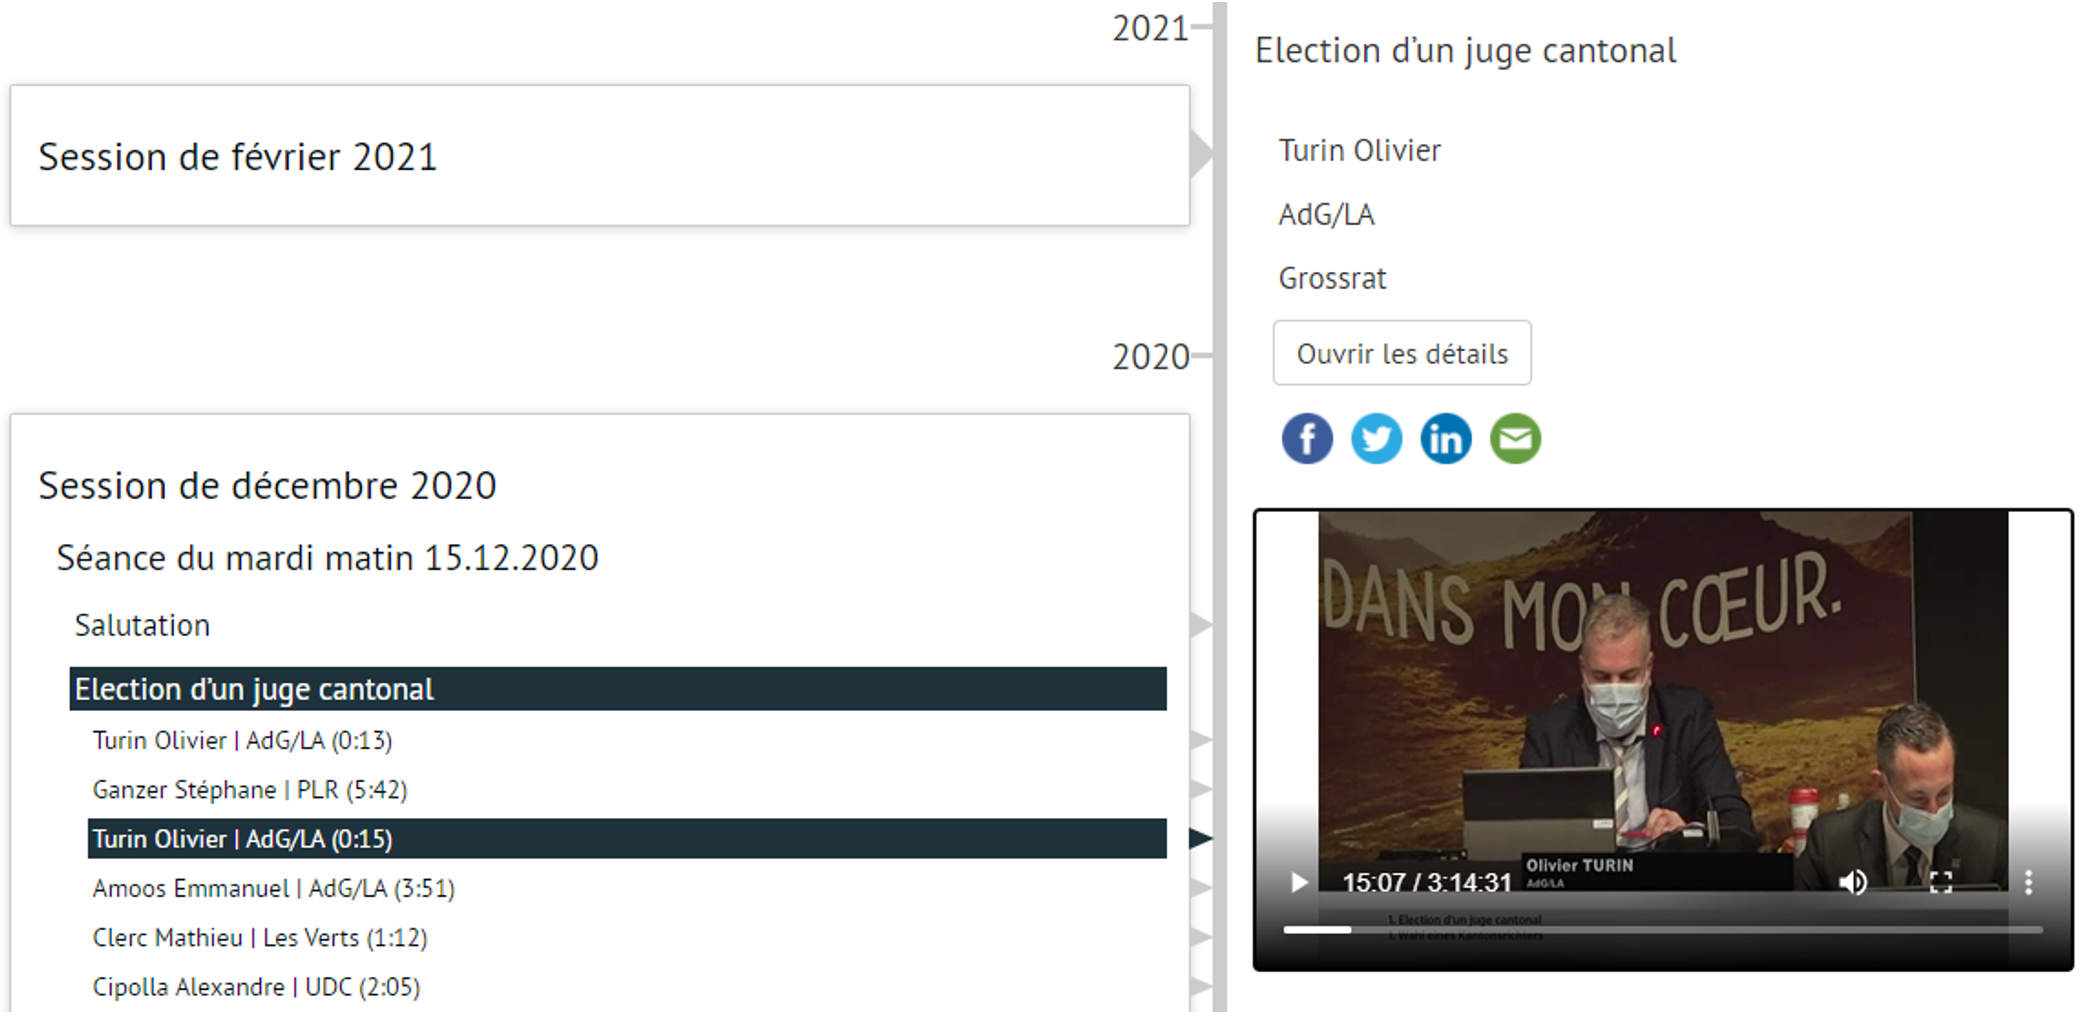 Archives audiovisuelles du Grand Conseil du Canton du Valais